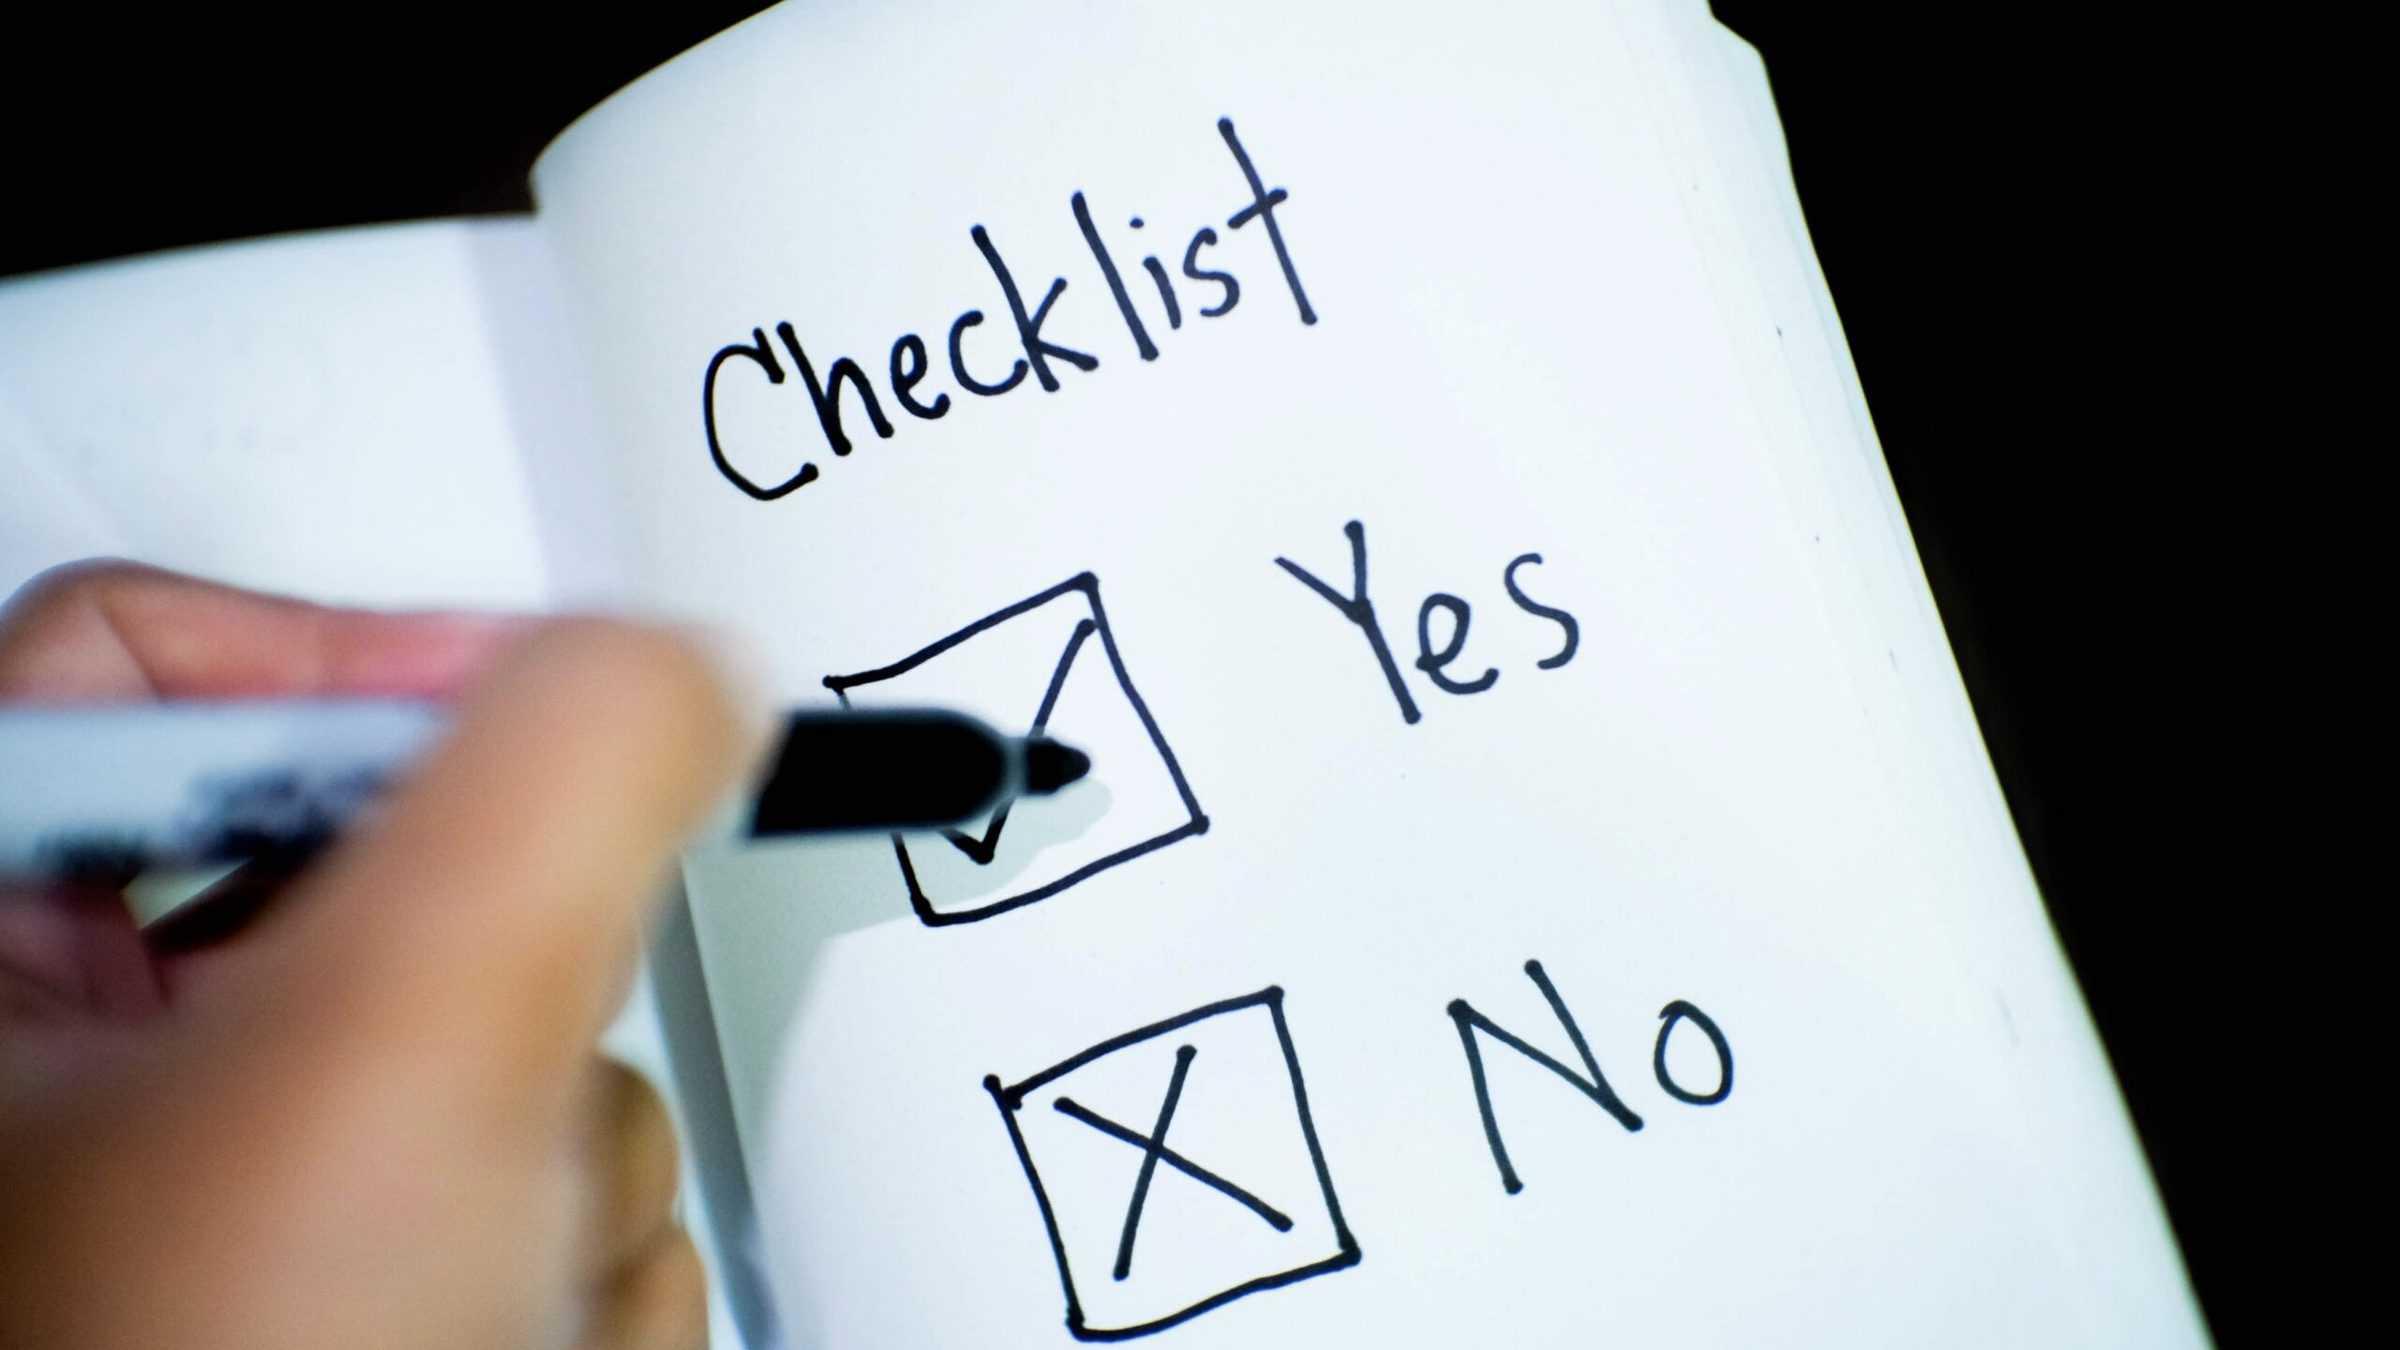 Covid-19 checklist - horeca - vragenlijst - gezondheid - corona